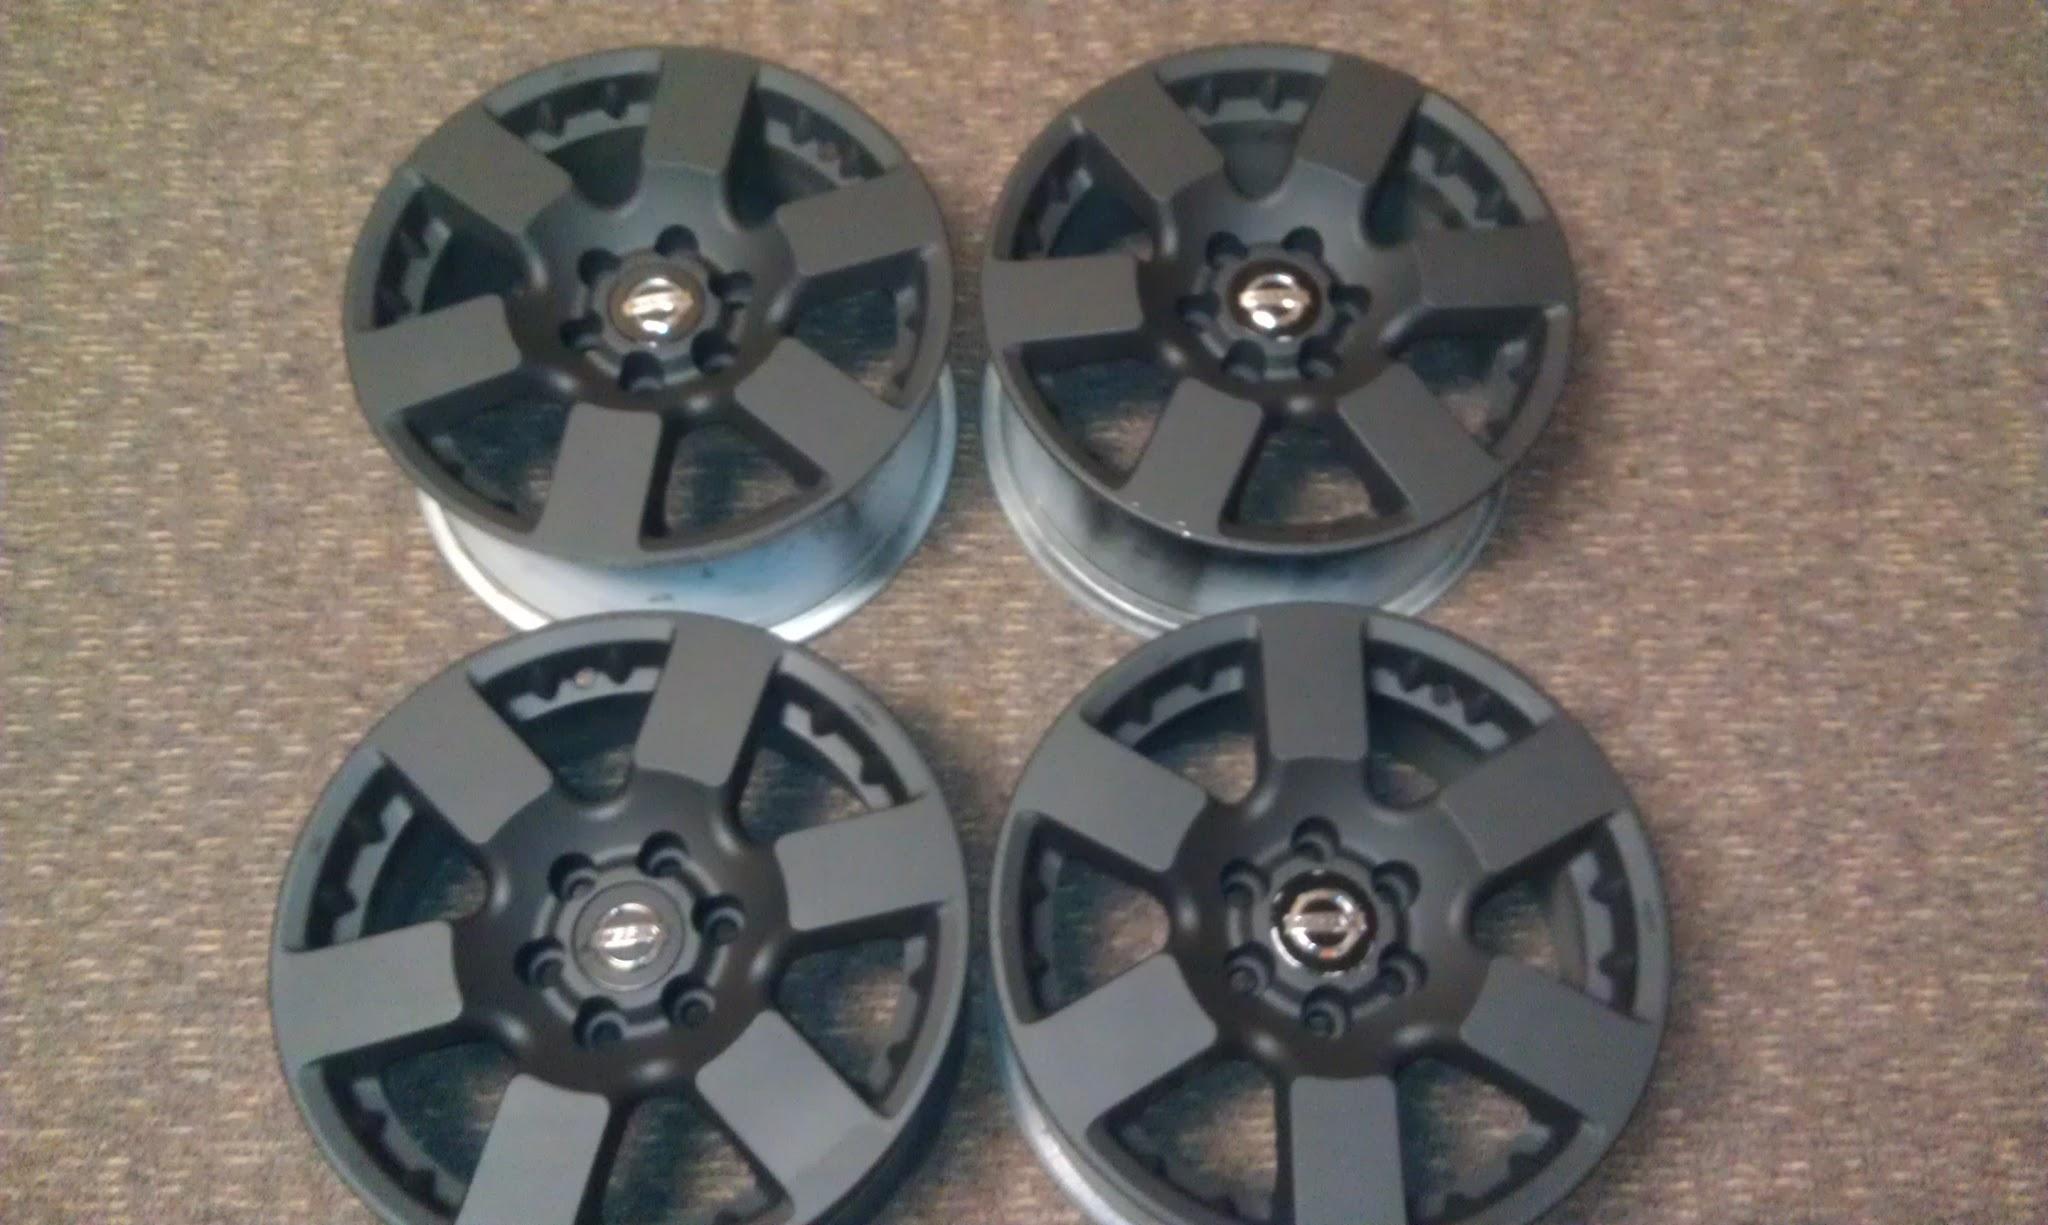 Frontier Xterra Nismo Pro 4x Rims In Black 350 Nissan Frontier Forum